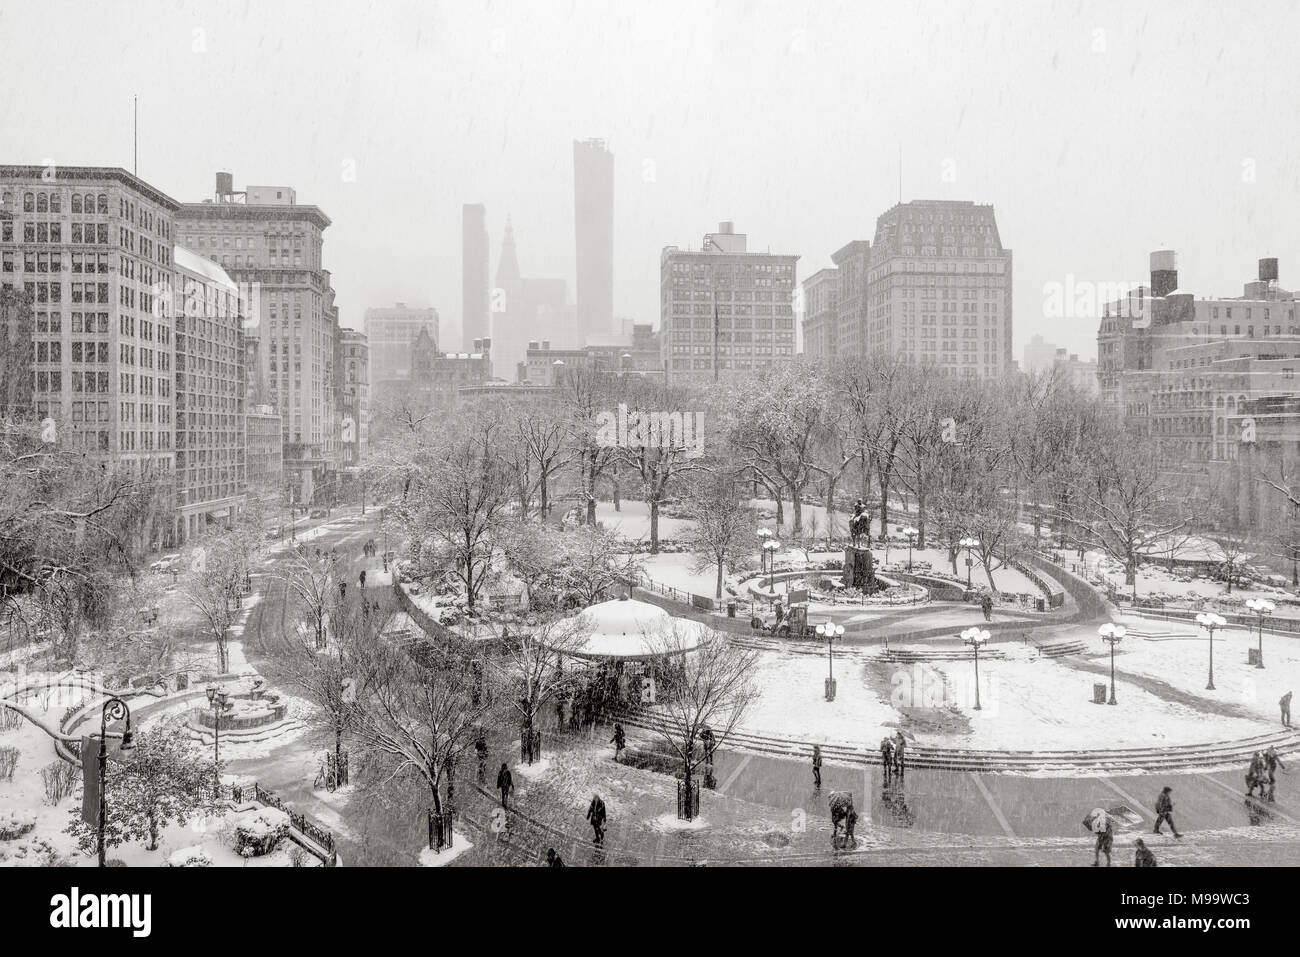 Union Square Park im Winter unter Schnee (Schwarz und Weiß). Manhattan, New York City Stockbild